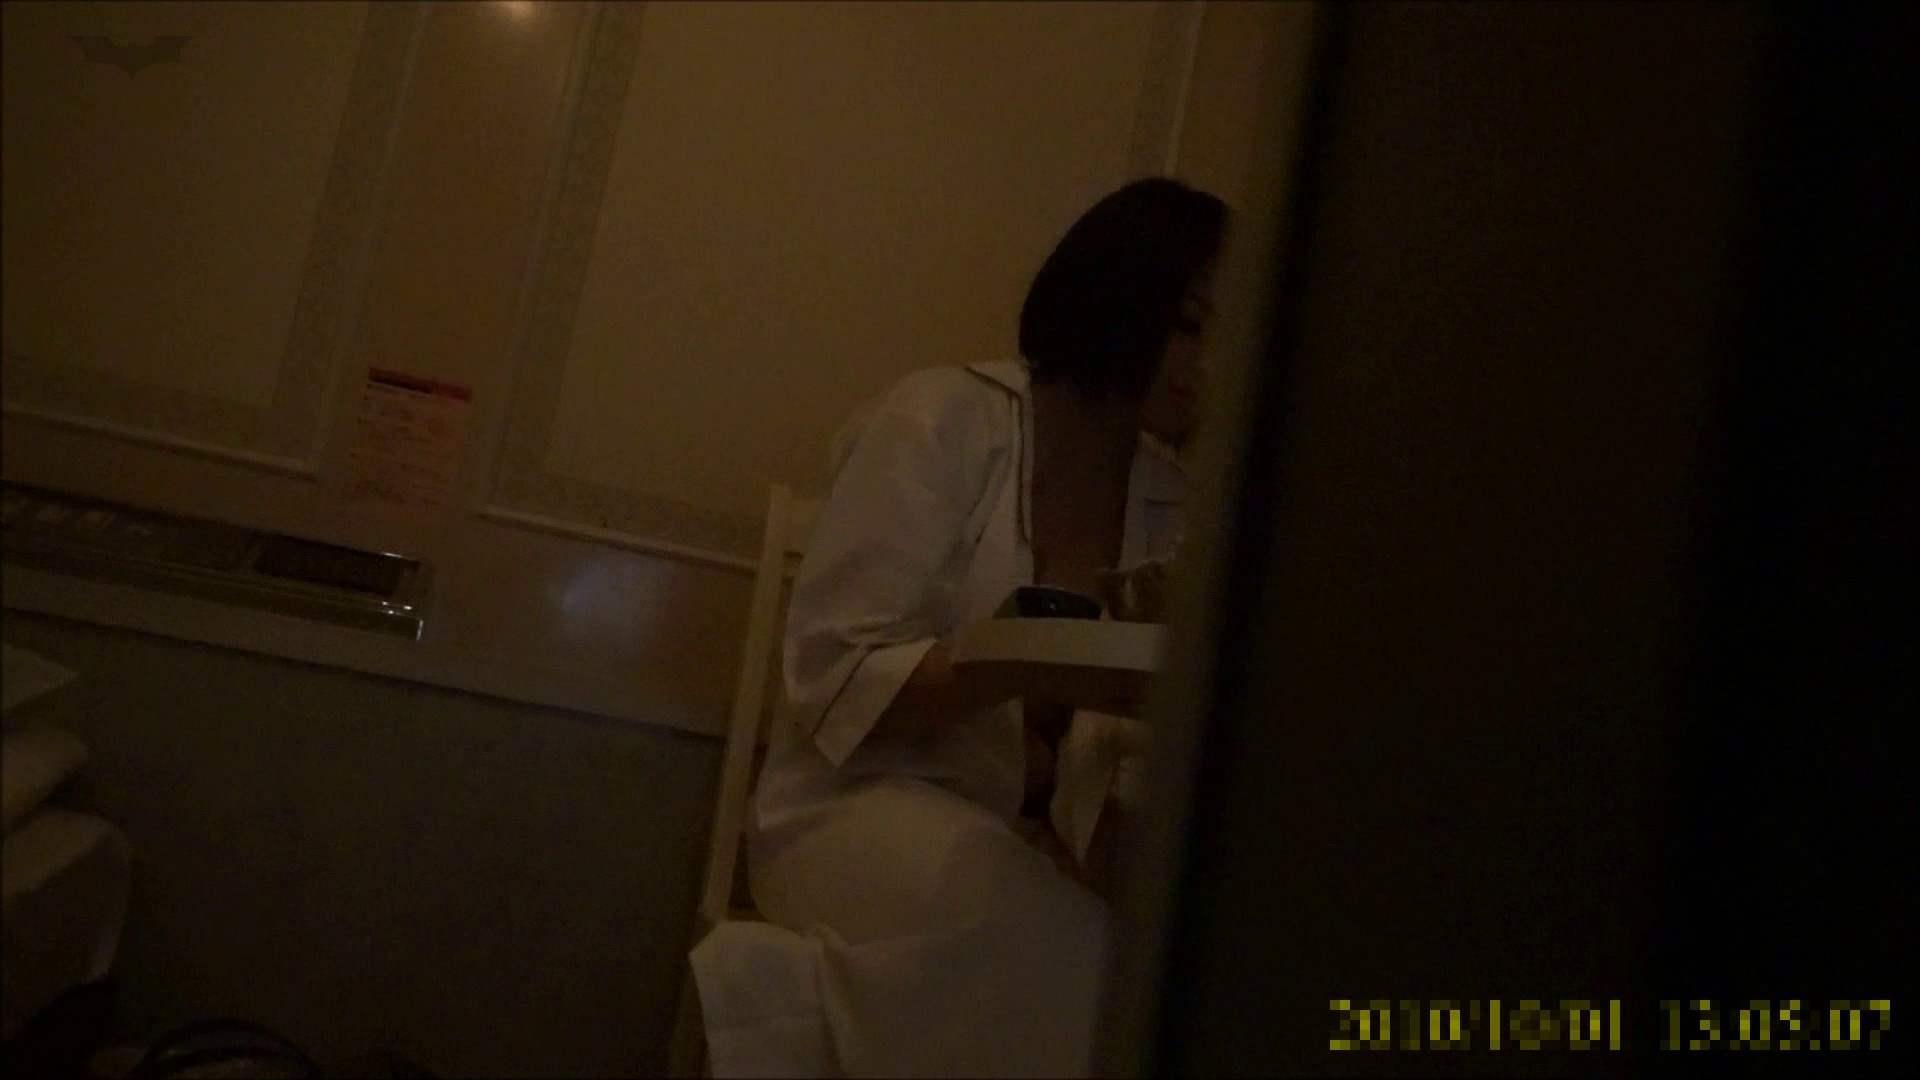 【未公開】vol.96 {茶髪→黒髪ギャル}美巨乳アミちゃん③【前編】 トイレ中   ホテル  96連発 90